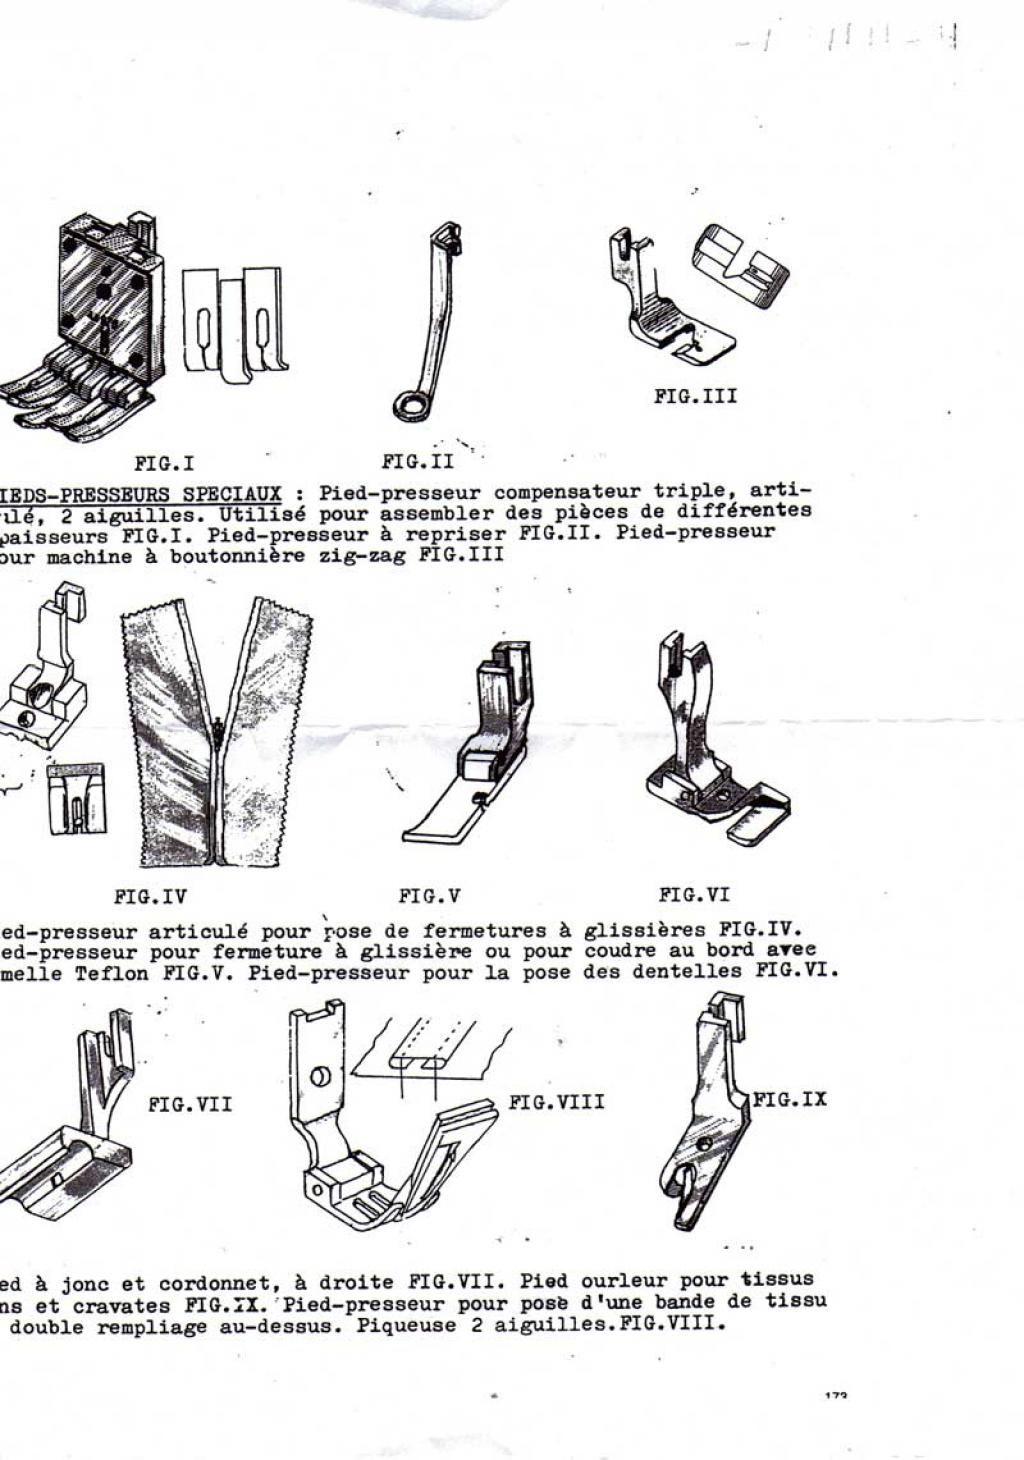 Les Fees Tisseuses Inspirant Collection Les Fées Tisseuses Les Différends Pieds Et Leur Usage